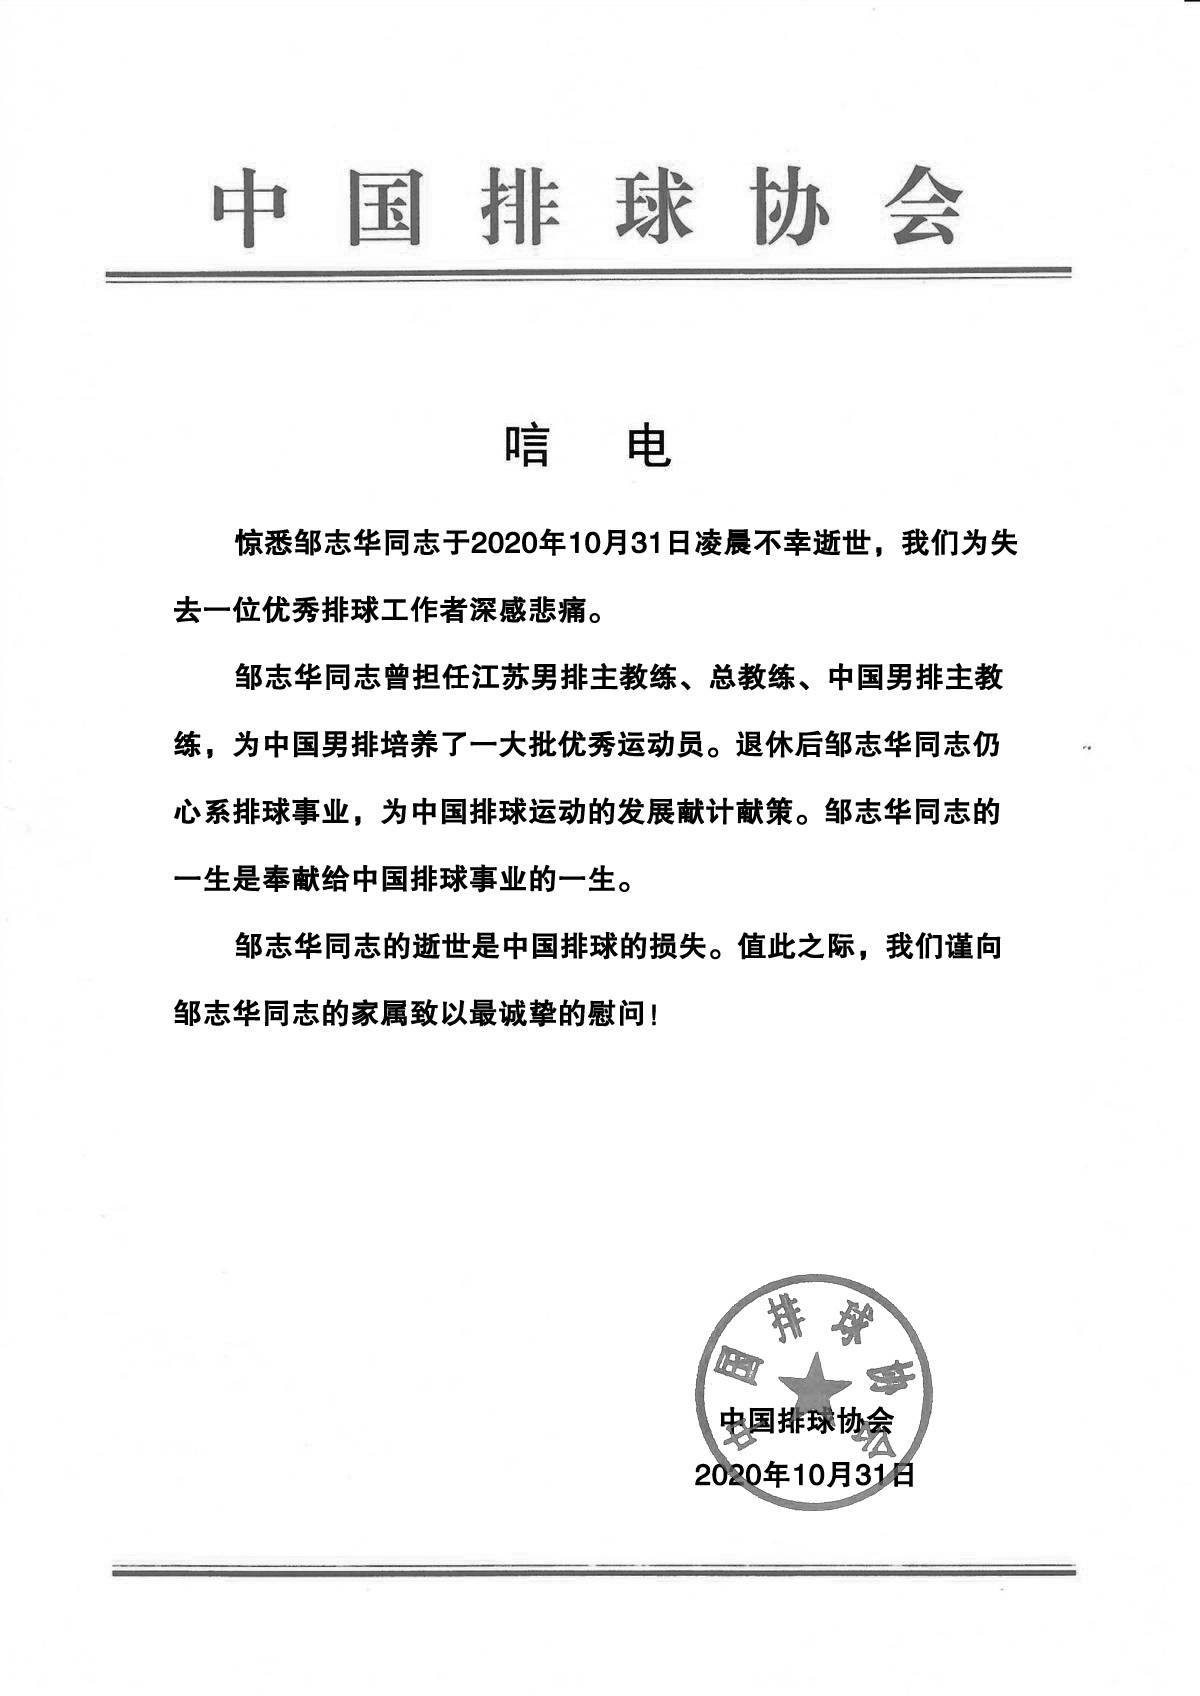 前中国男排主帅邹志华离世 曾率队首次征战奥运会